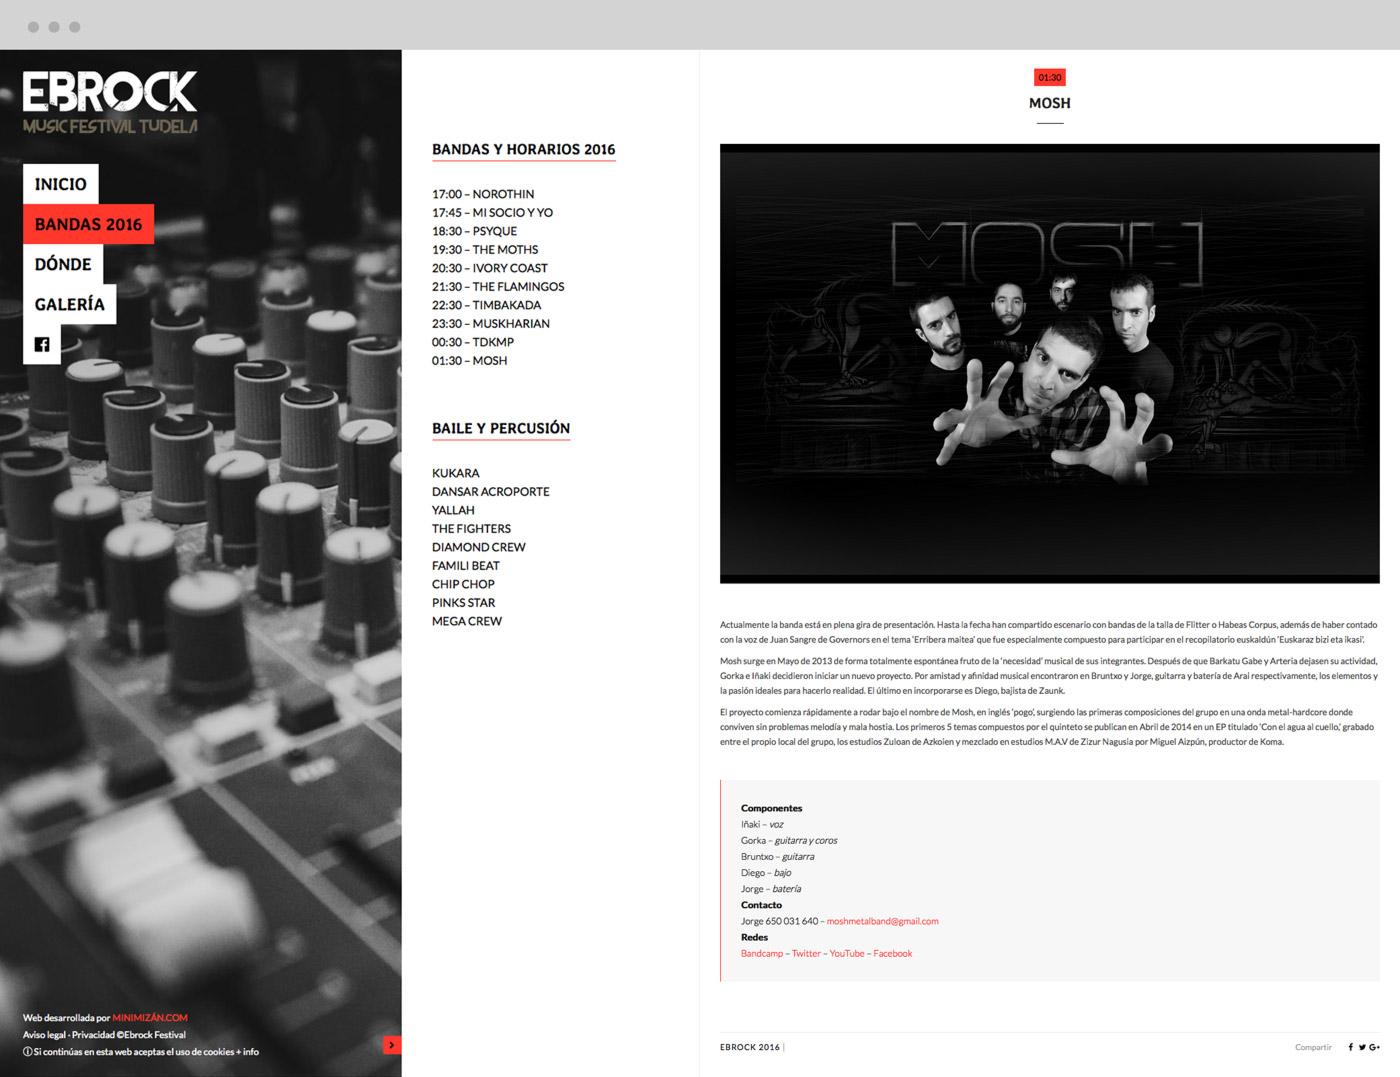 diseño de pantalla web de escritorio para grupo Mosh para Ebrock Festival